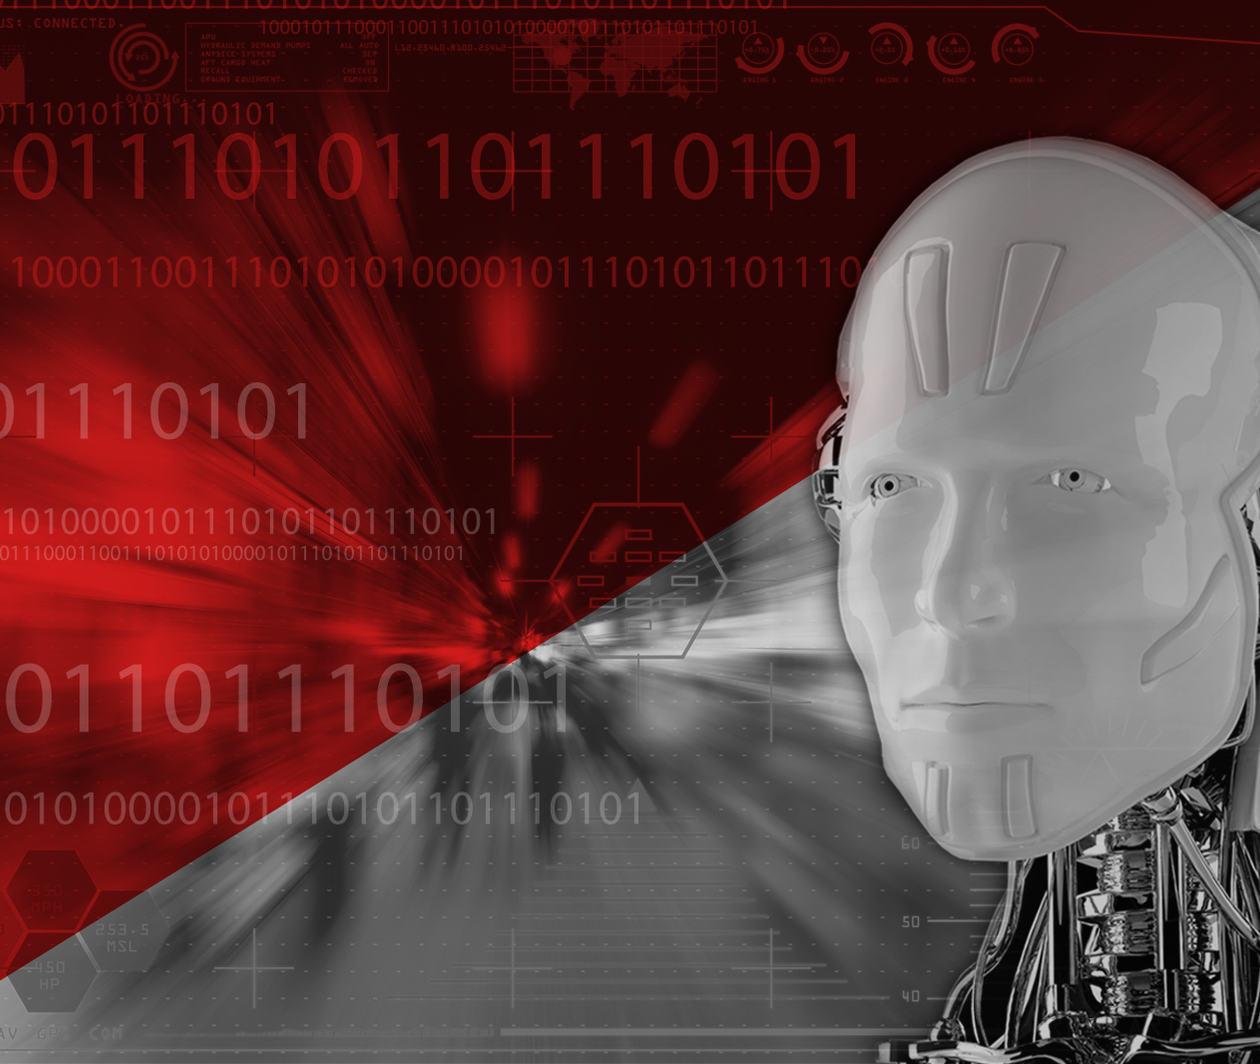 Robotic Vision: Making Robots See